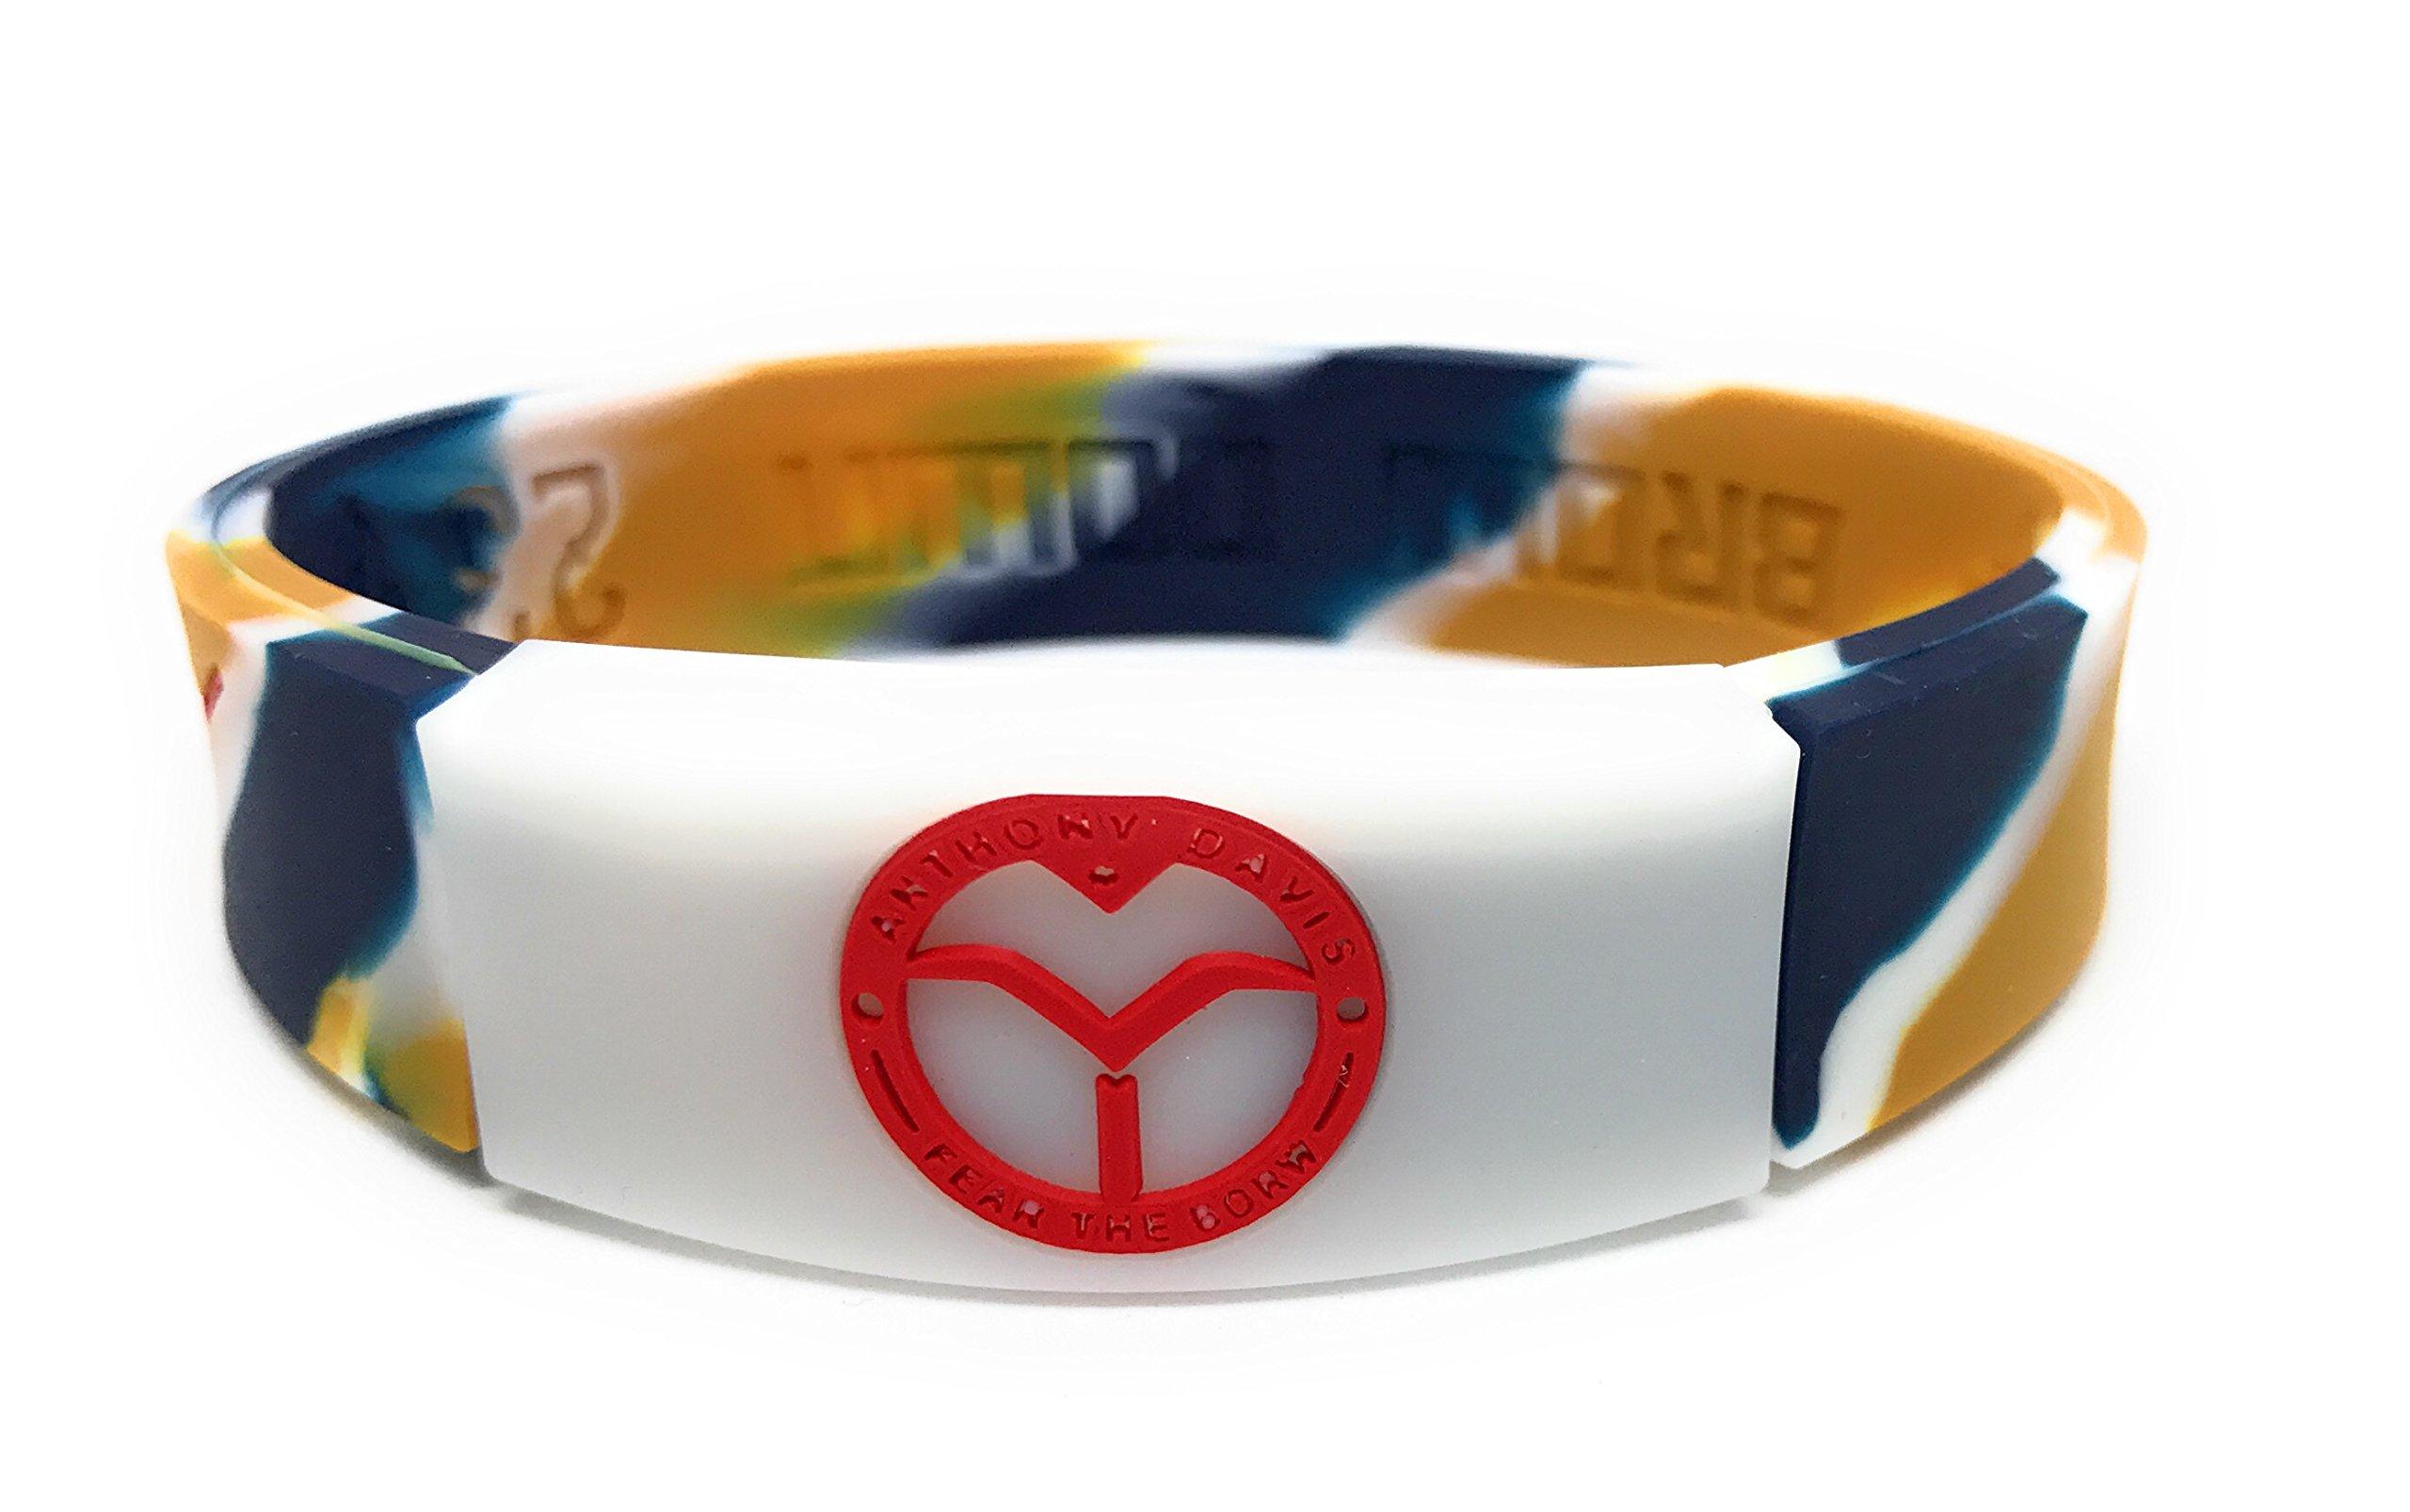 KIDS SportsBraceletsPro REVERSIBLE KIDS Wristband KIDS SIZE 6.7'' Size Bracelet (Davis KID 6.7'' Camo)